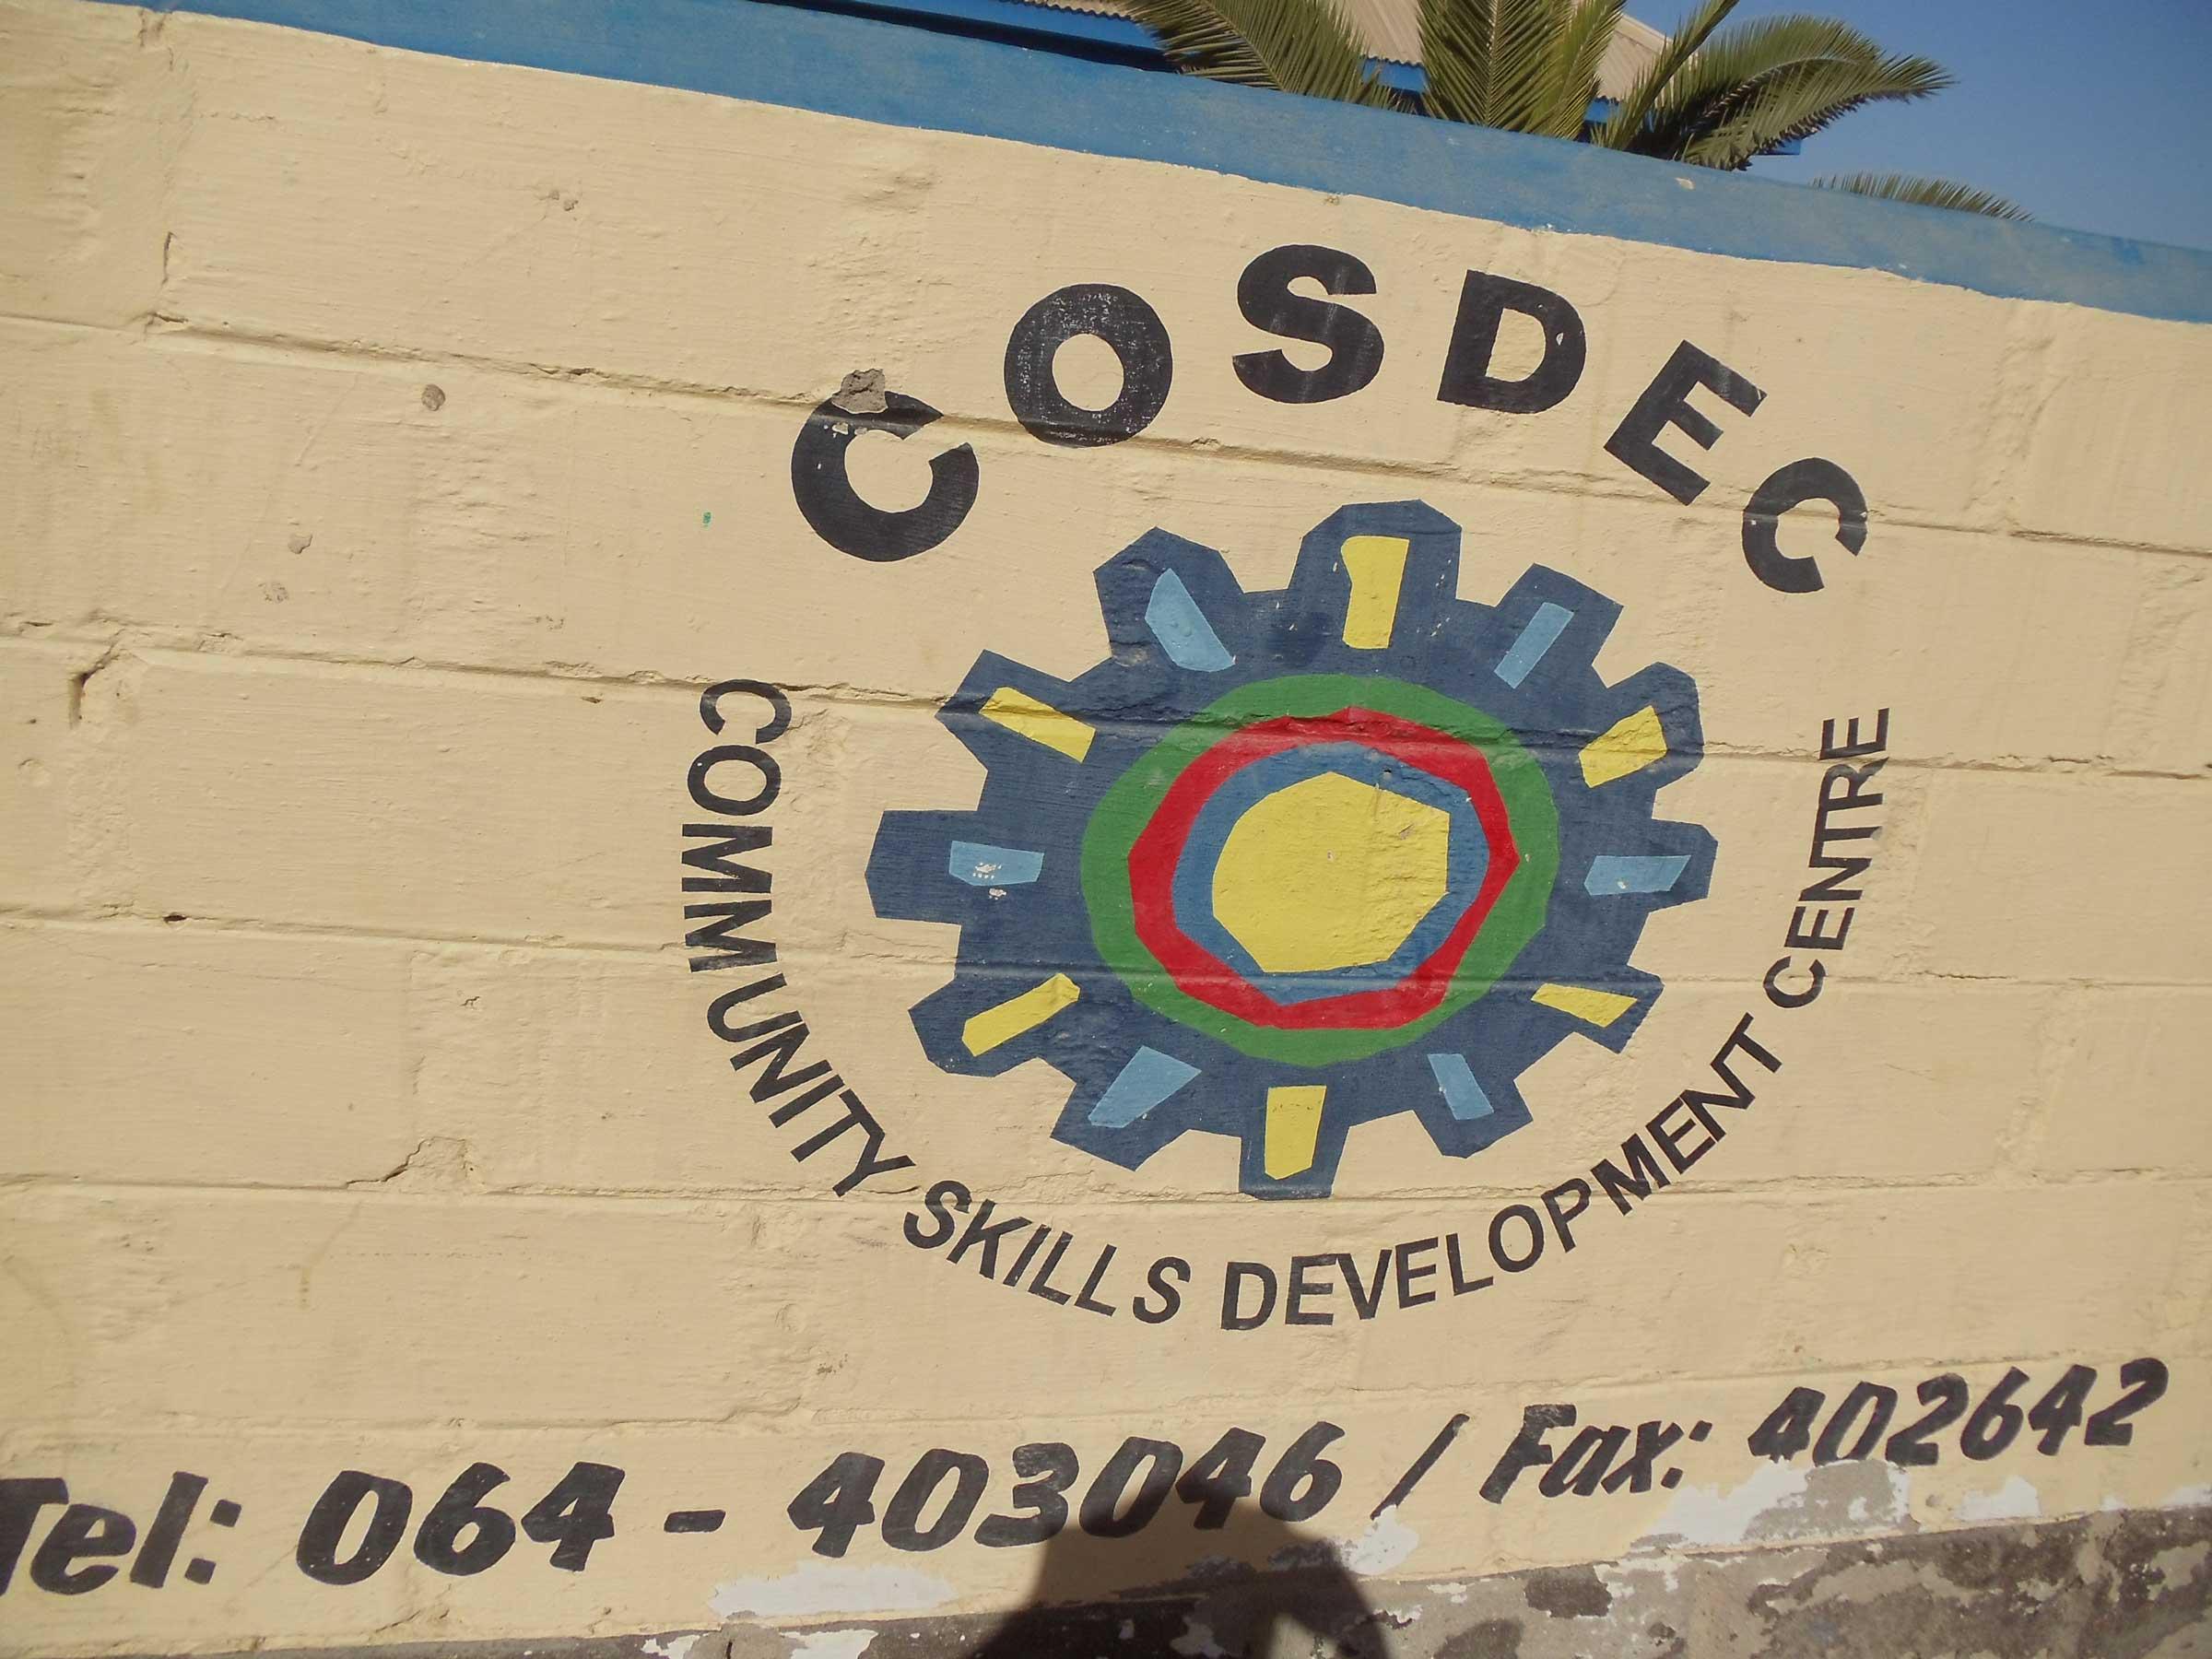 Namibia COSDEC training center logo